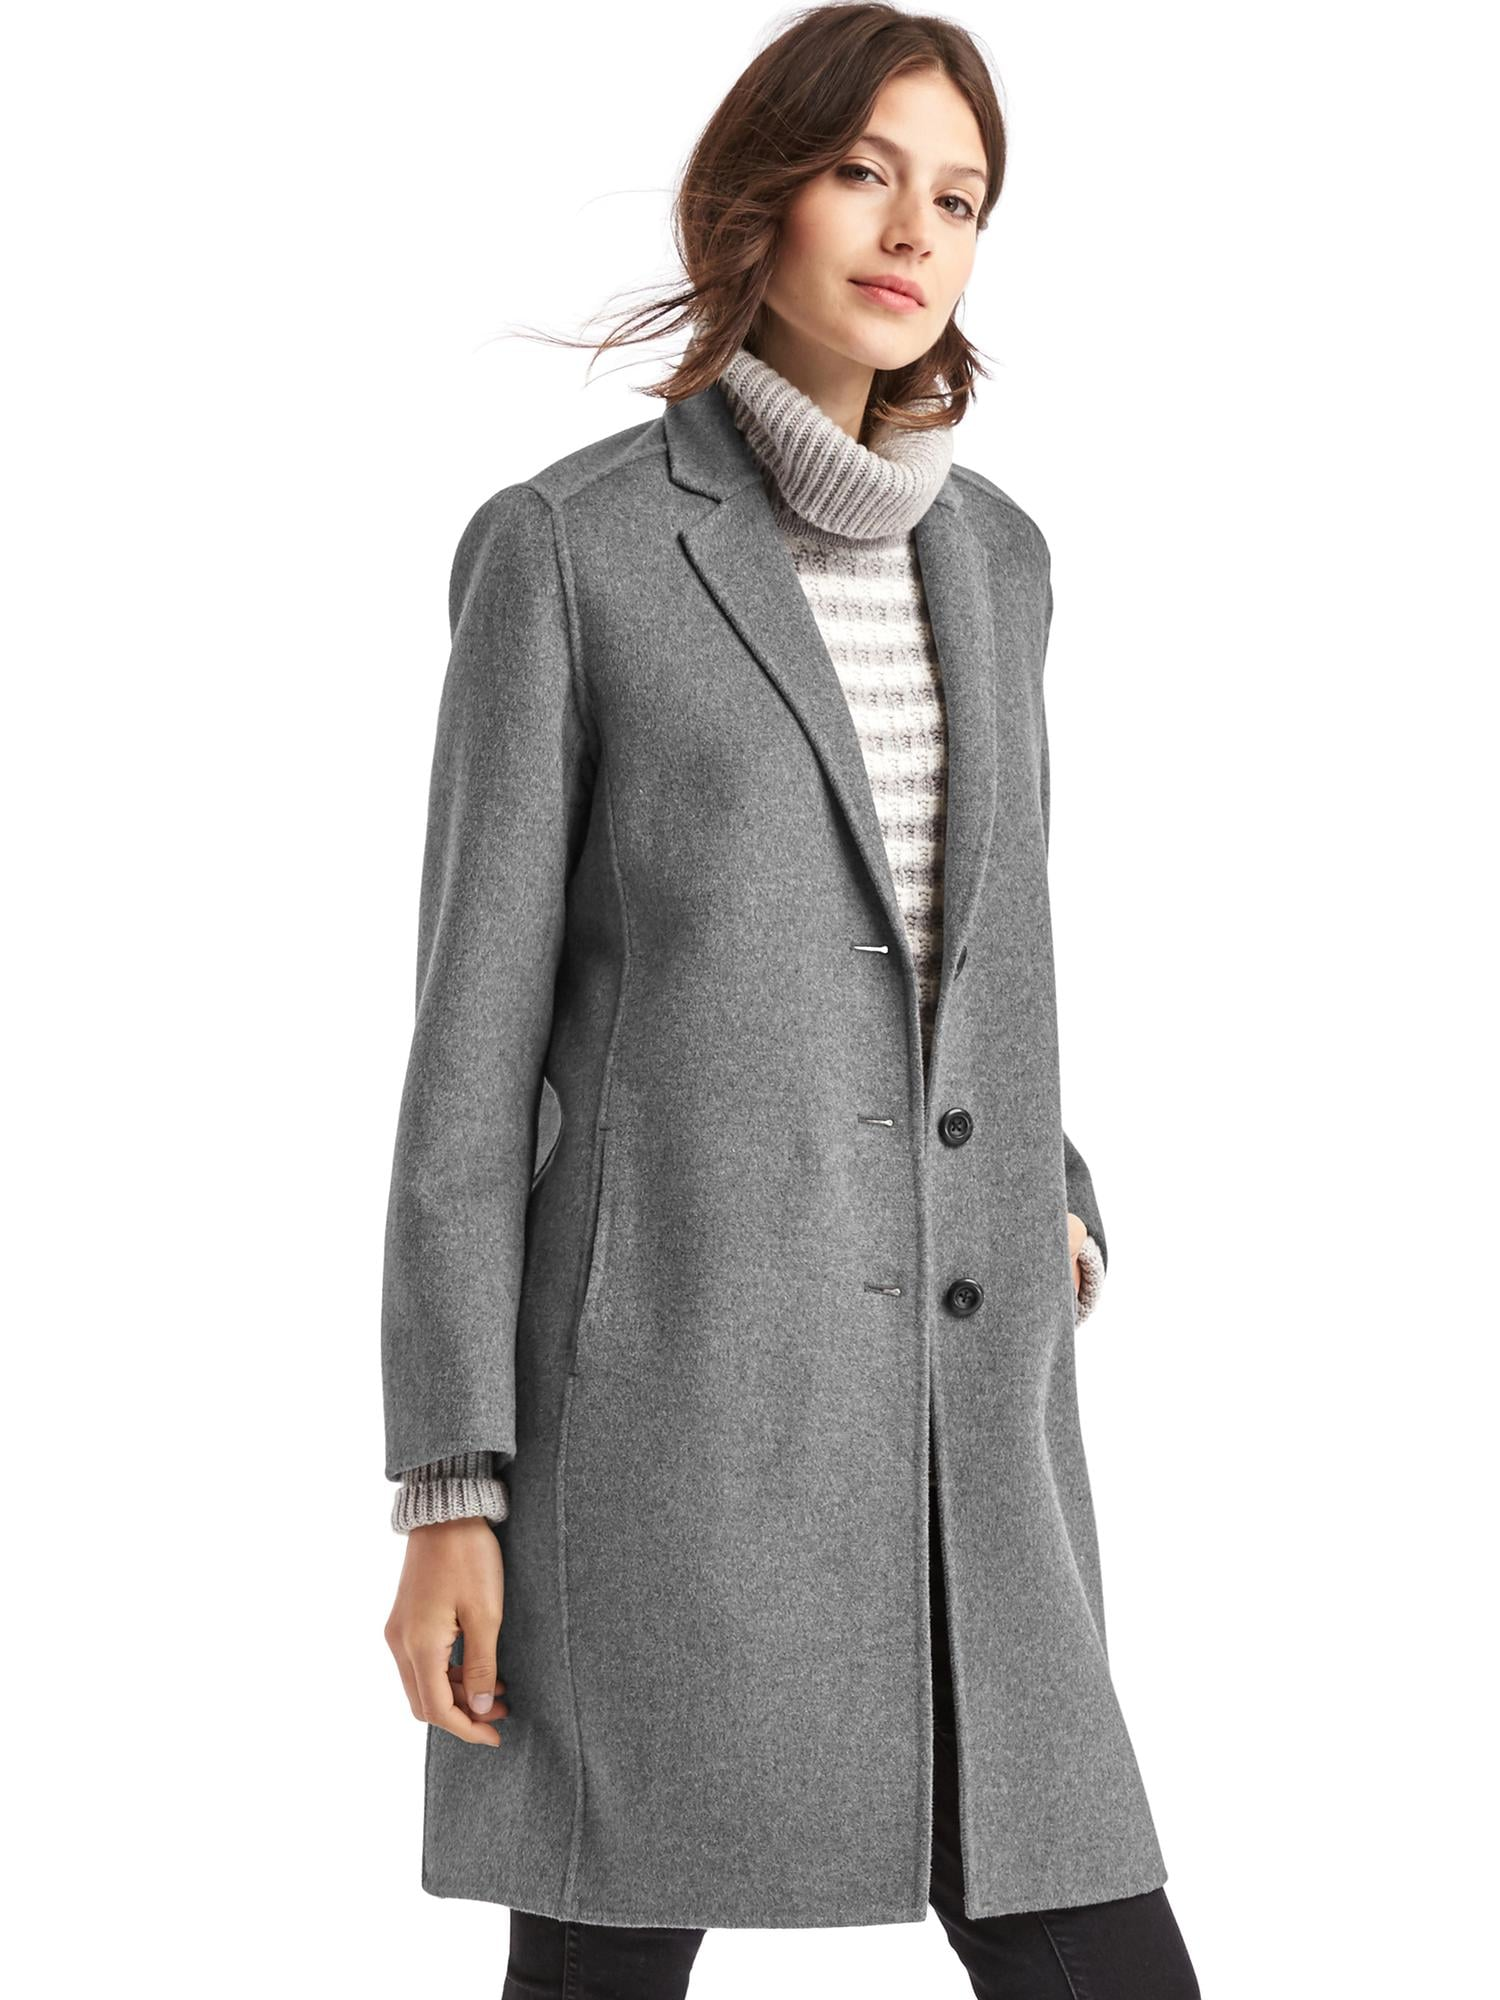 Double-face car coat | Gap